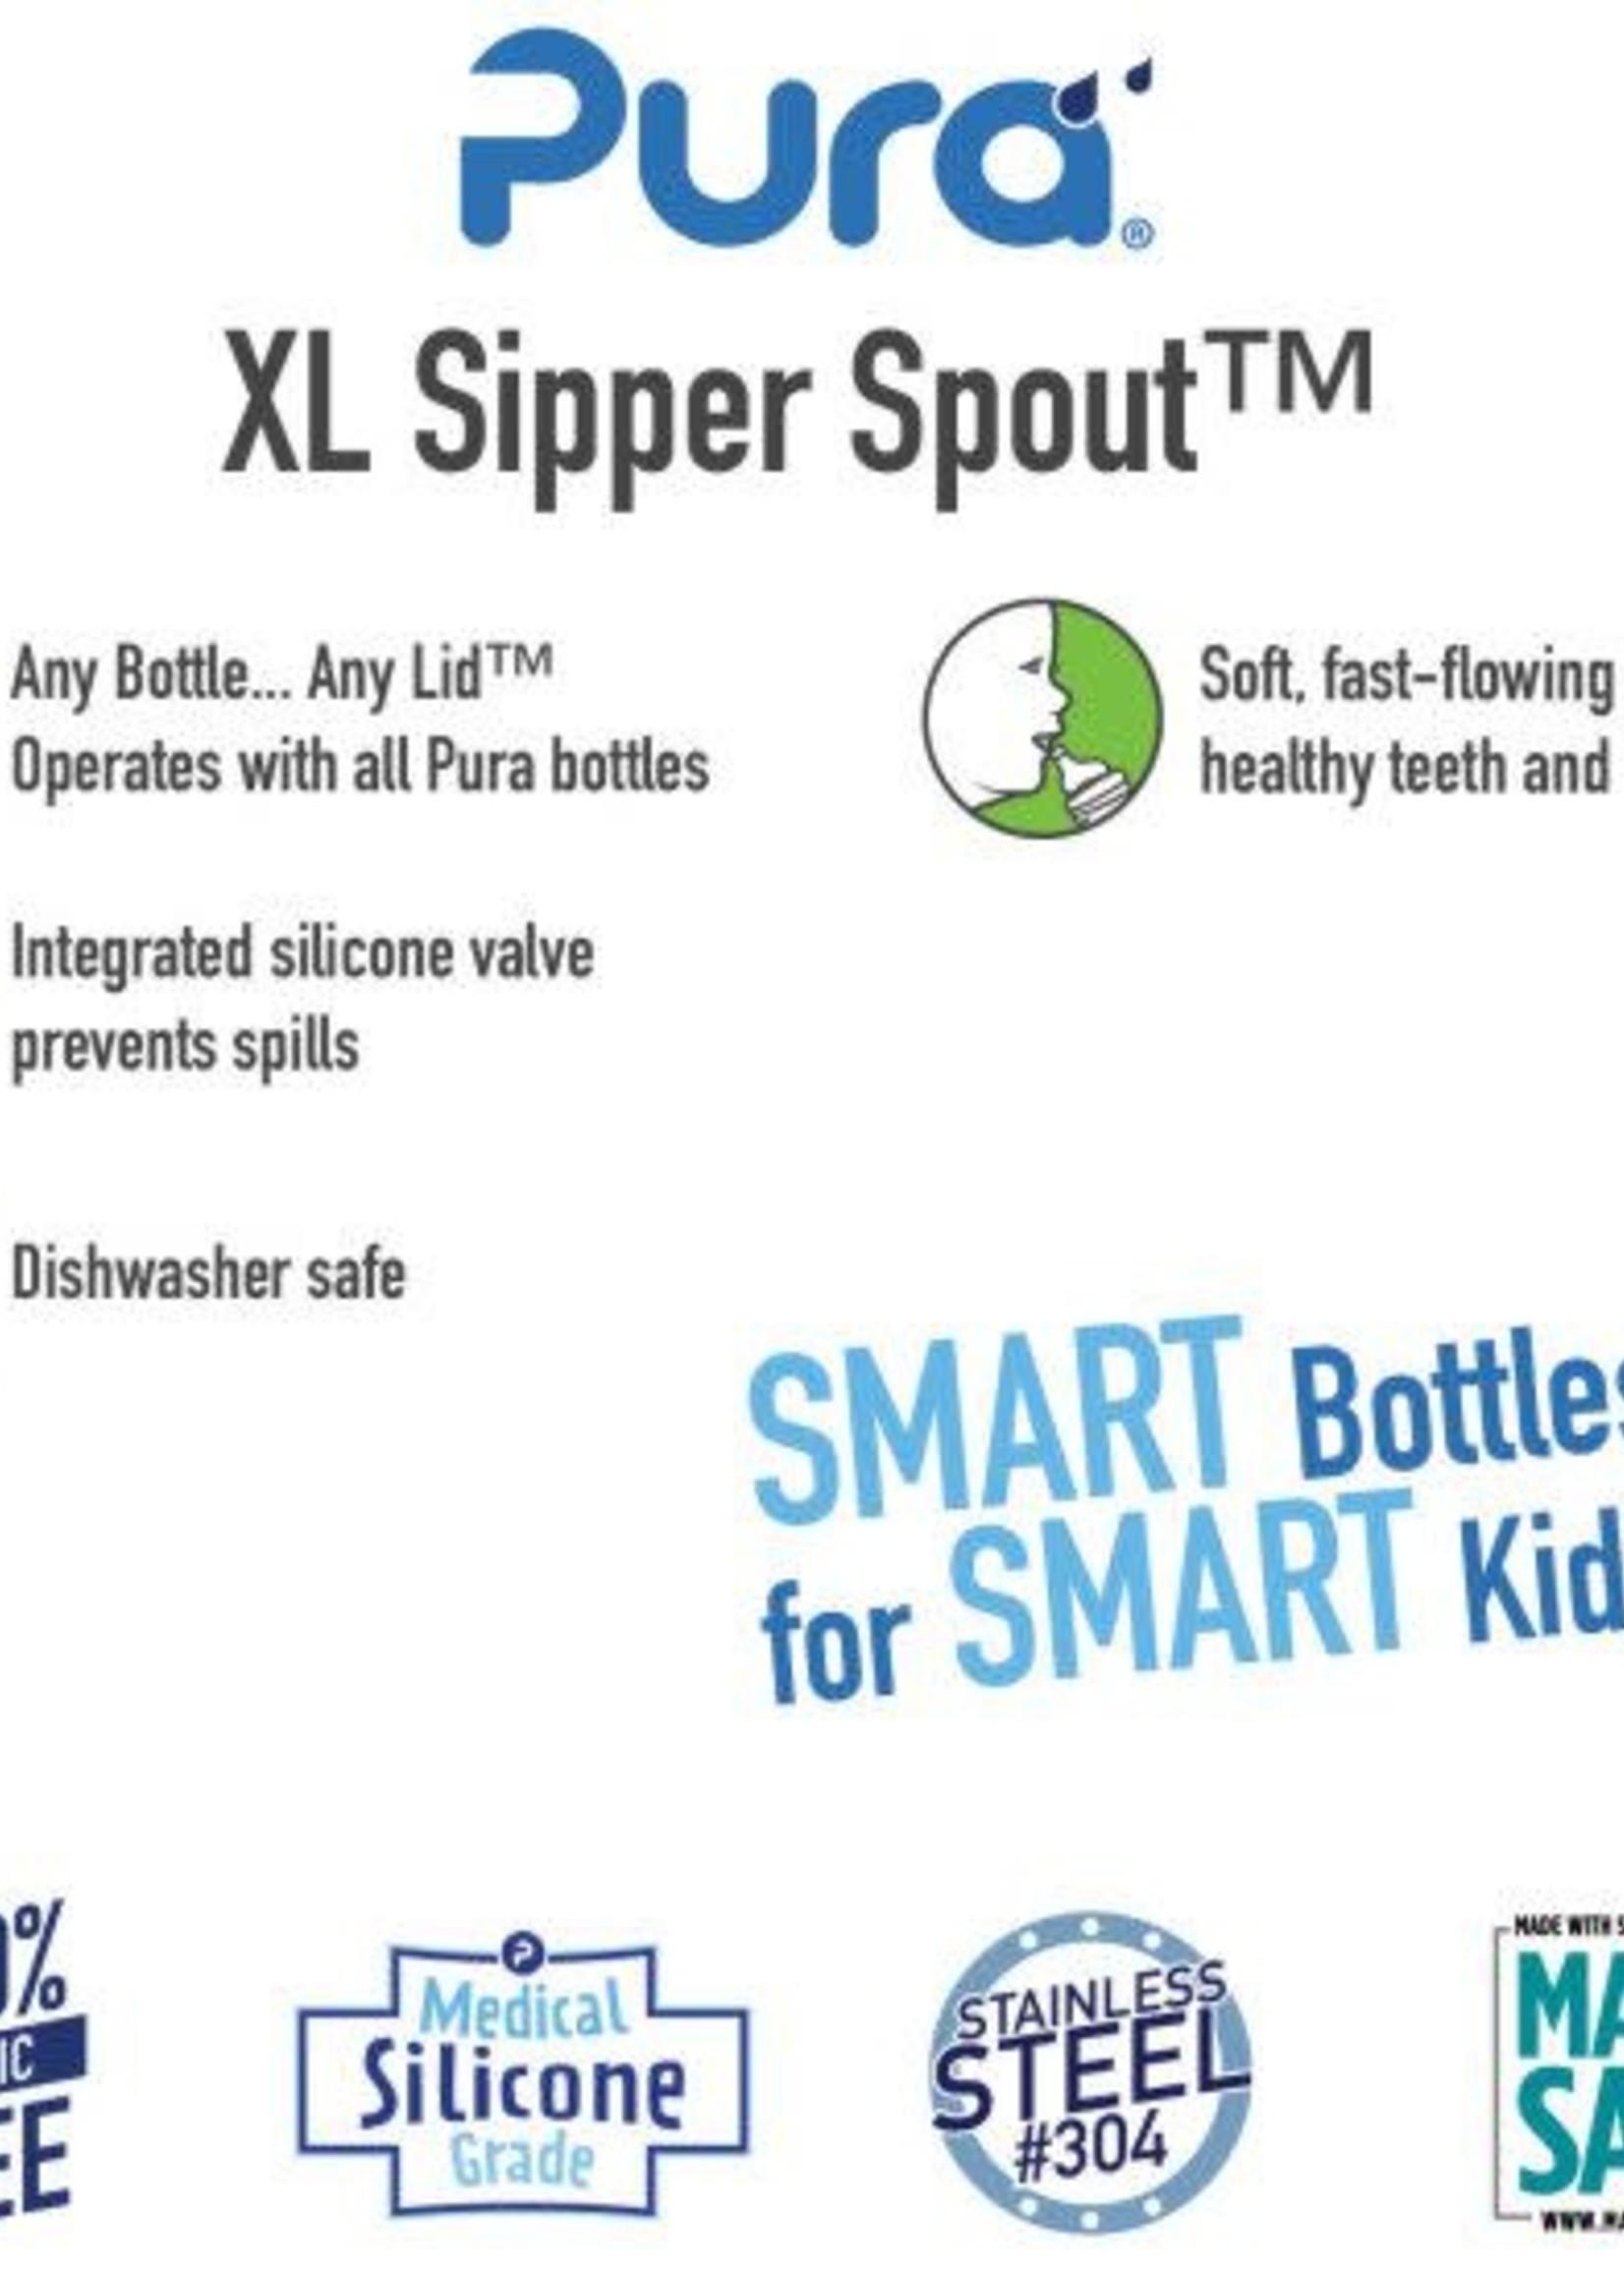 pura kiki Pura XL sipper spouts